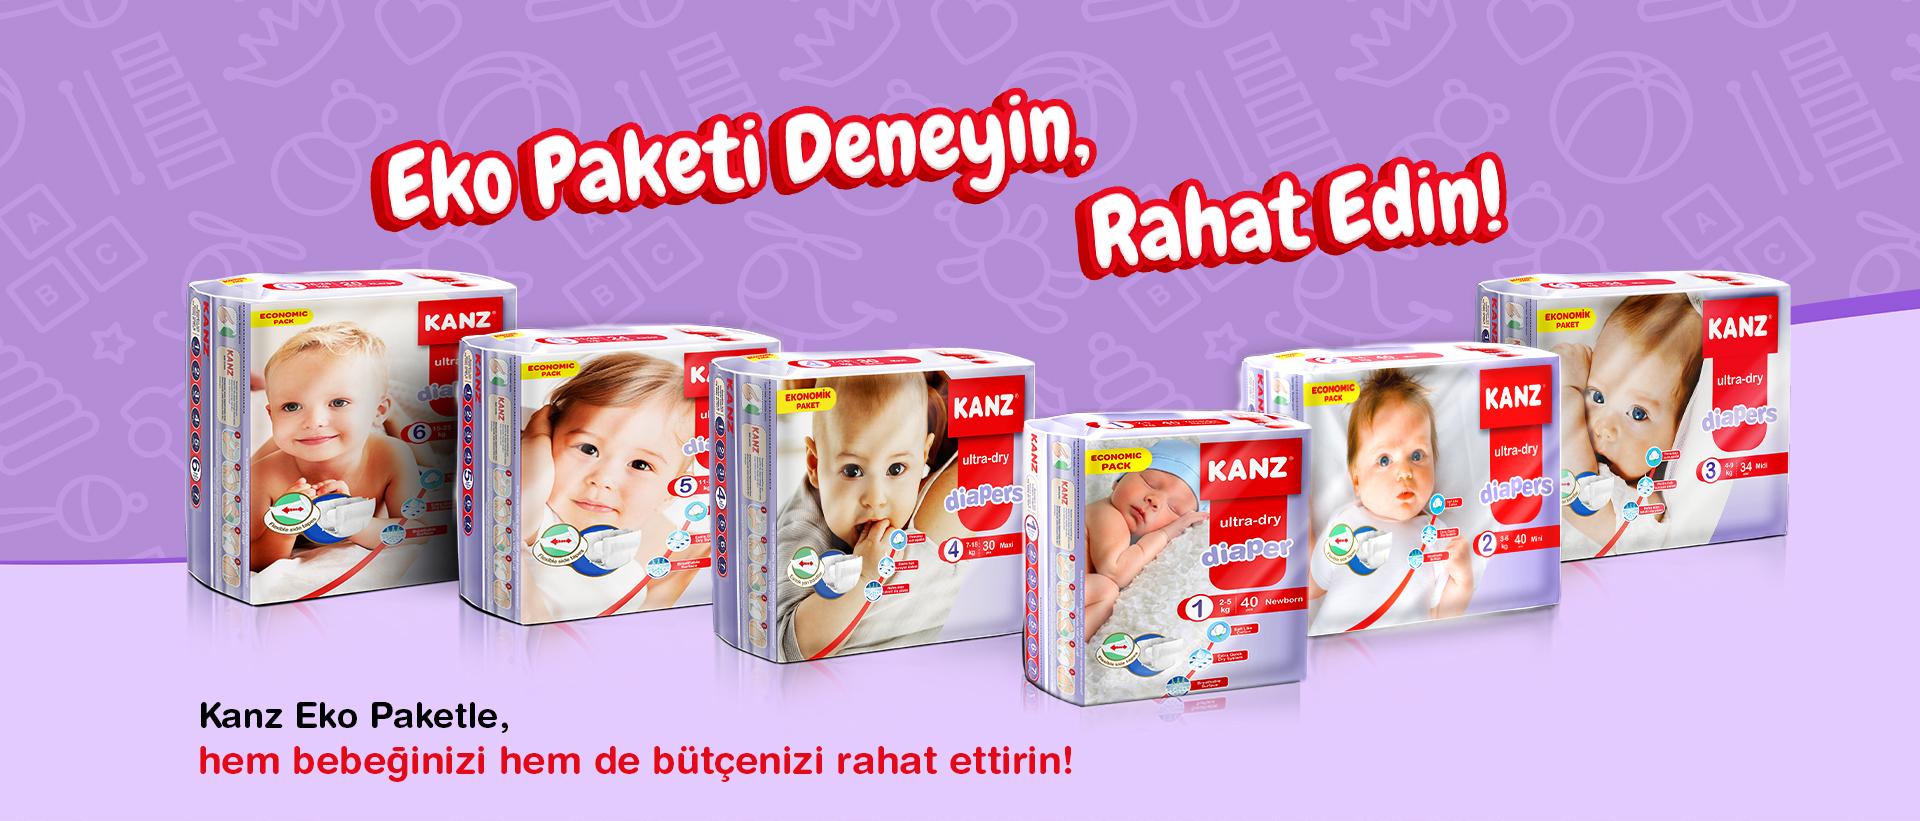 Kanz banner3